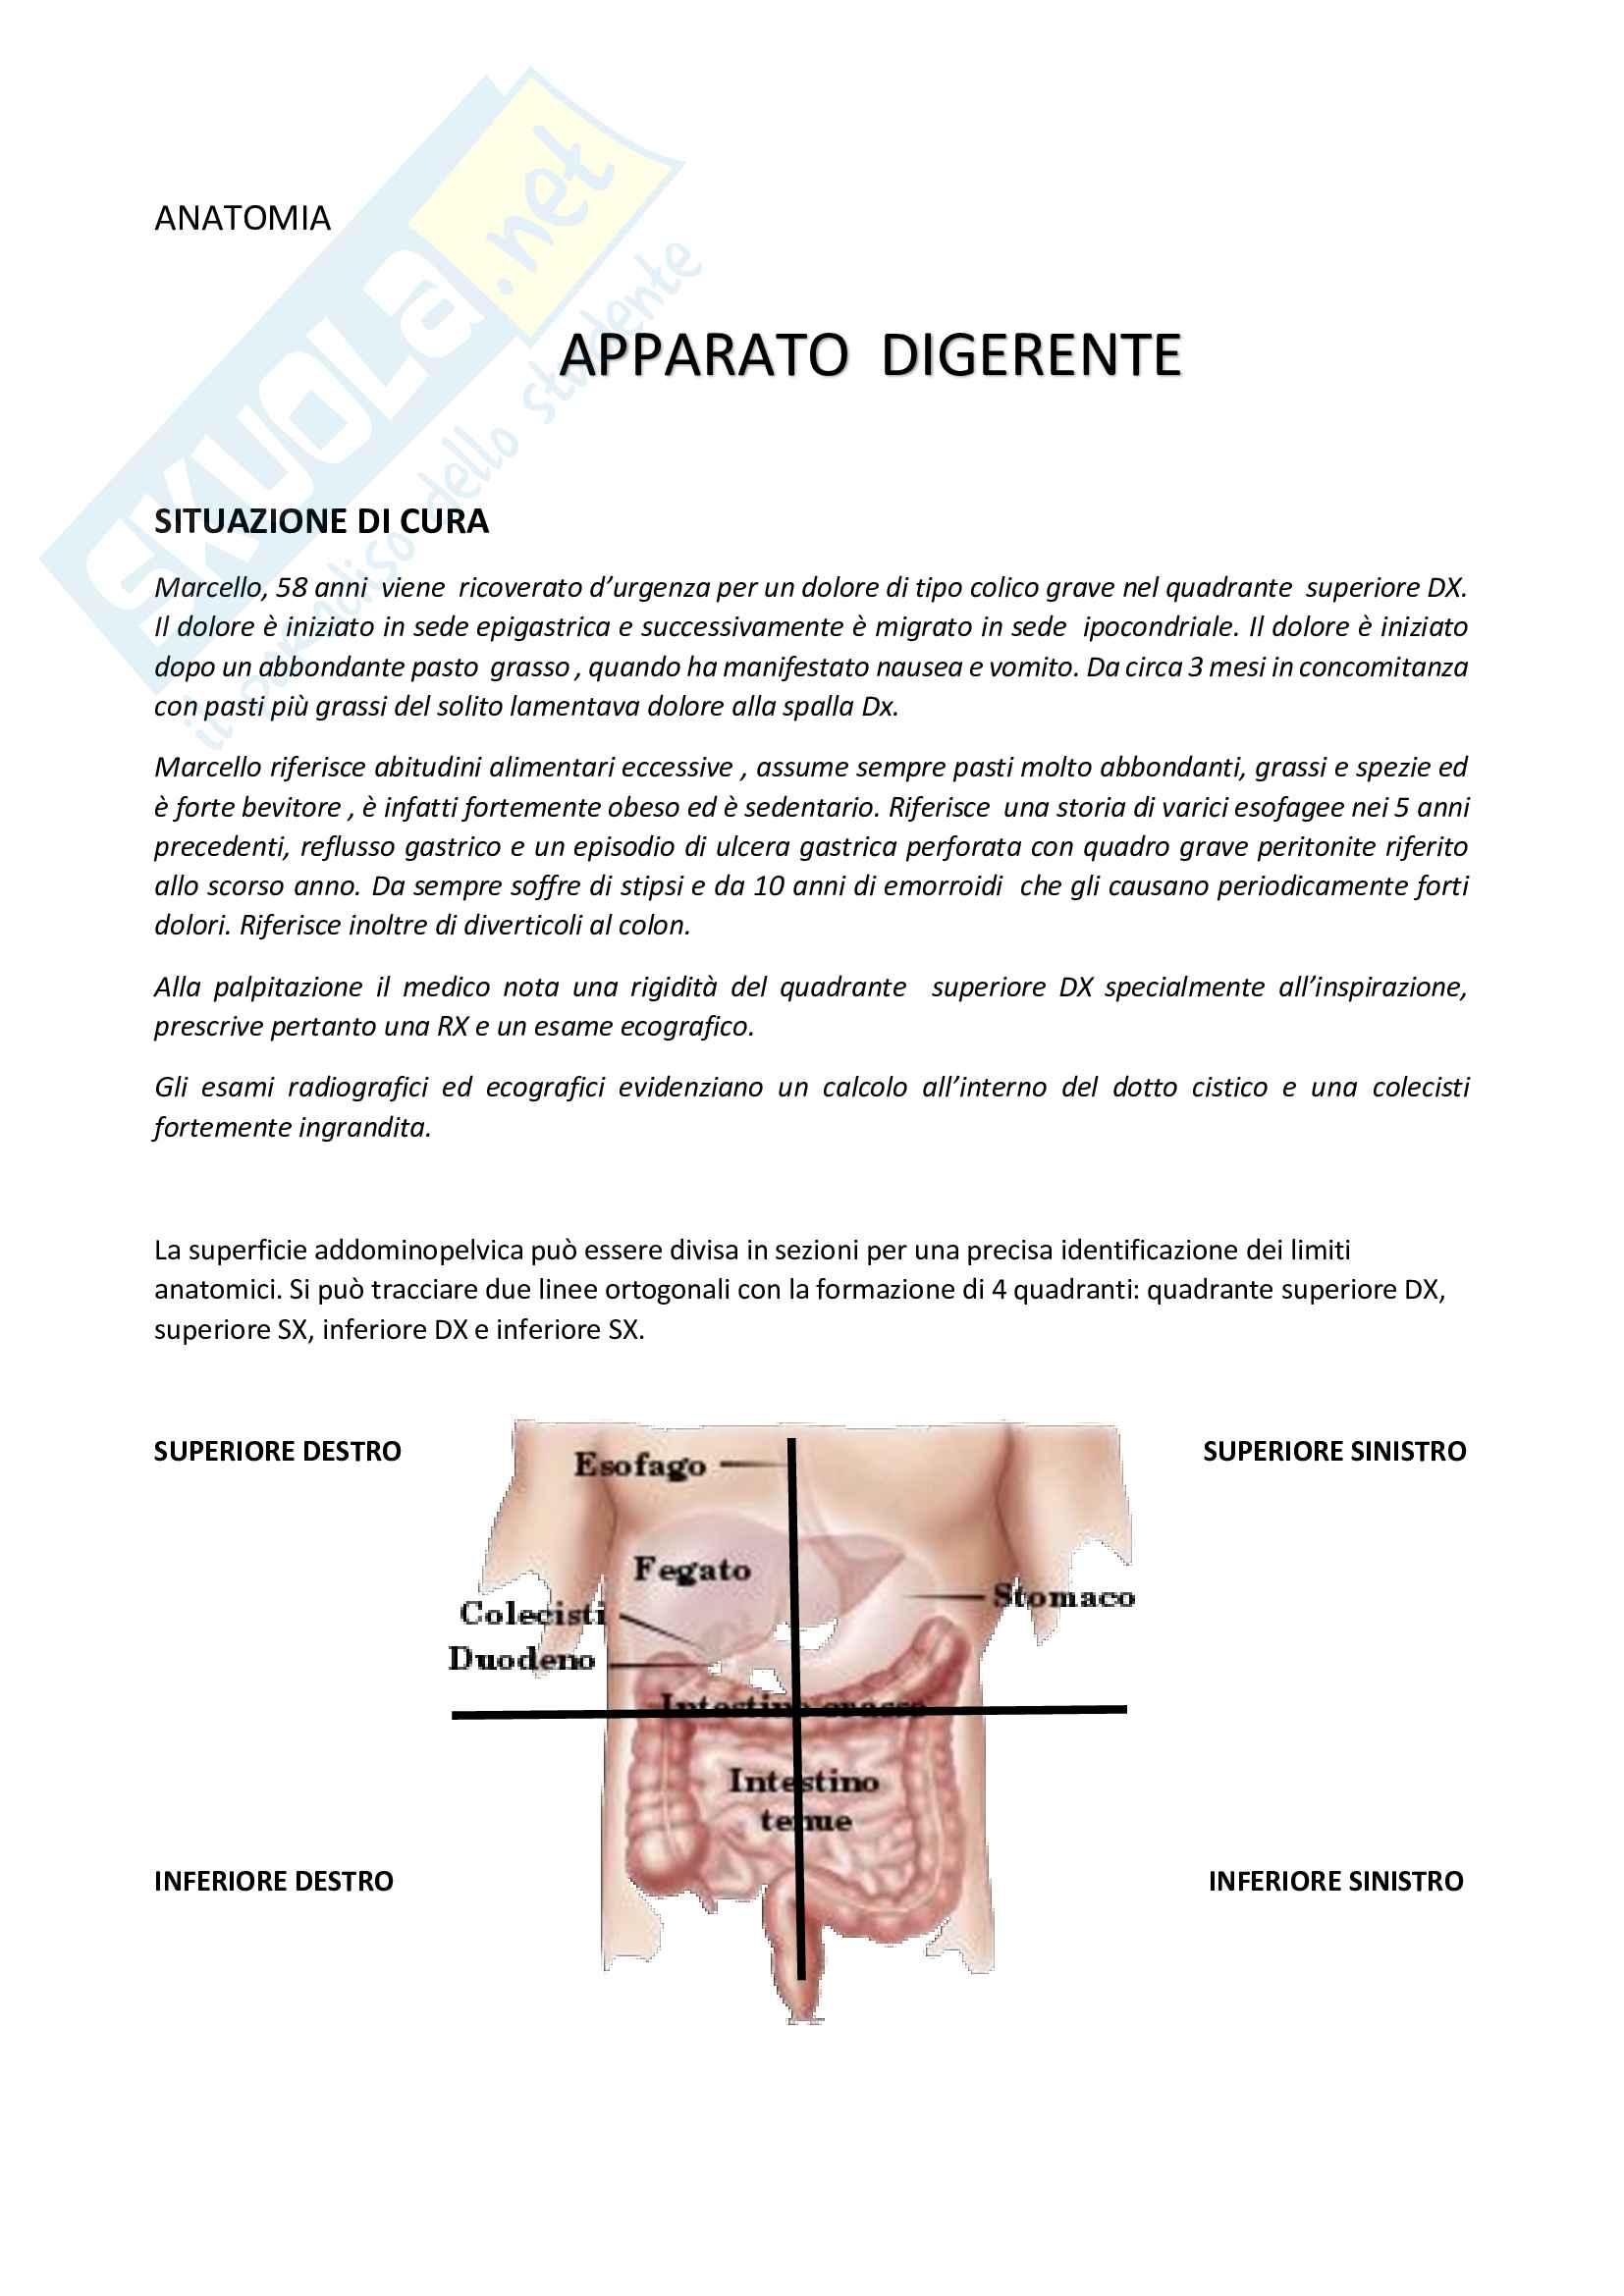 Appunti Anatomia